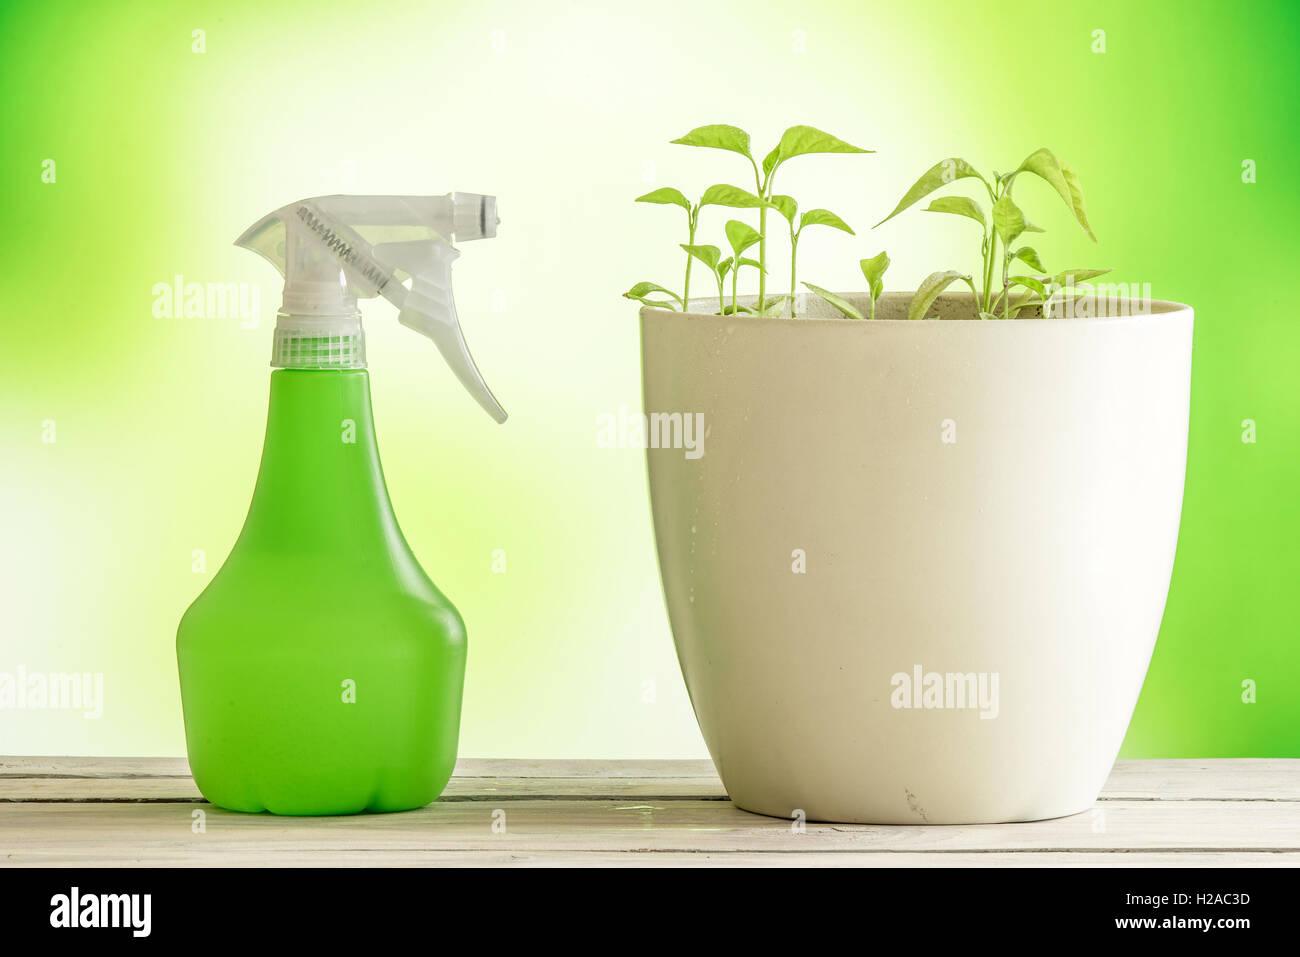 Bemerkenswert Grüne Pflanzen Foto Von Grüne Mit Einem Spray Können Auf Einem